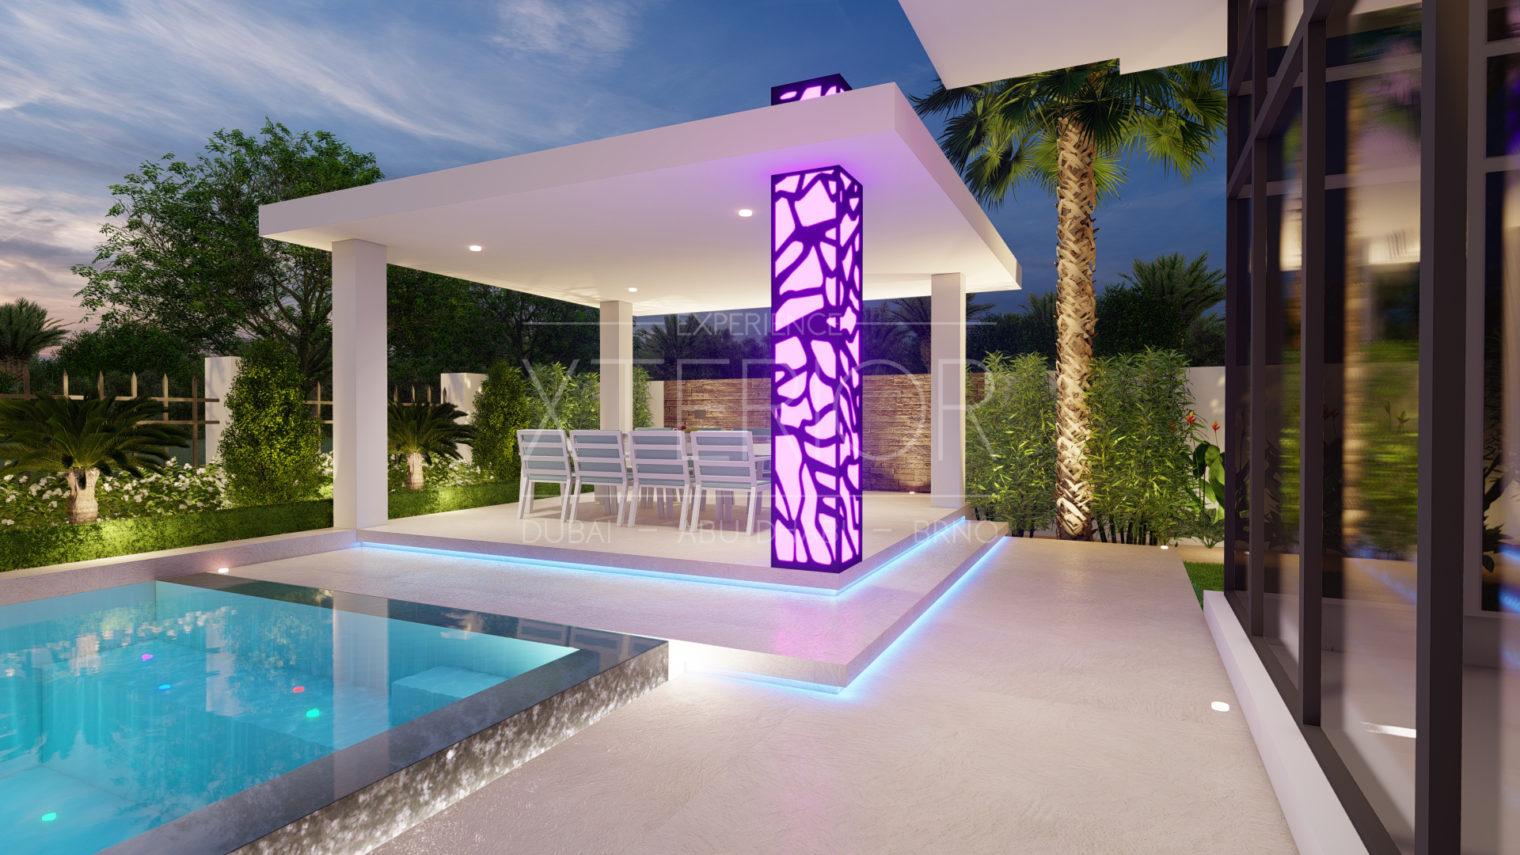 Pergola light Design